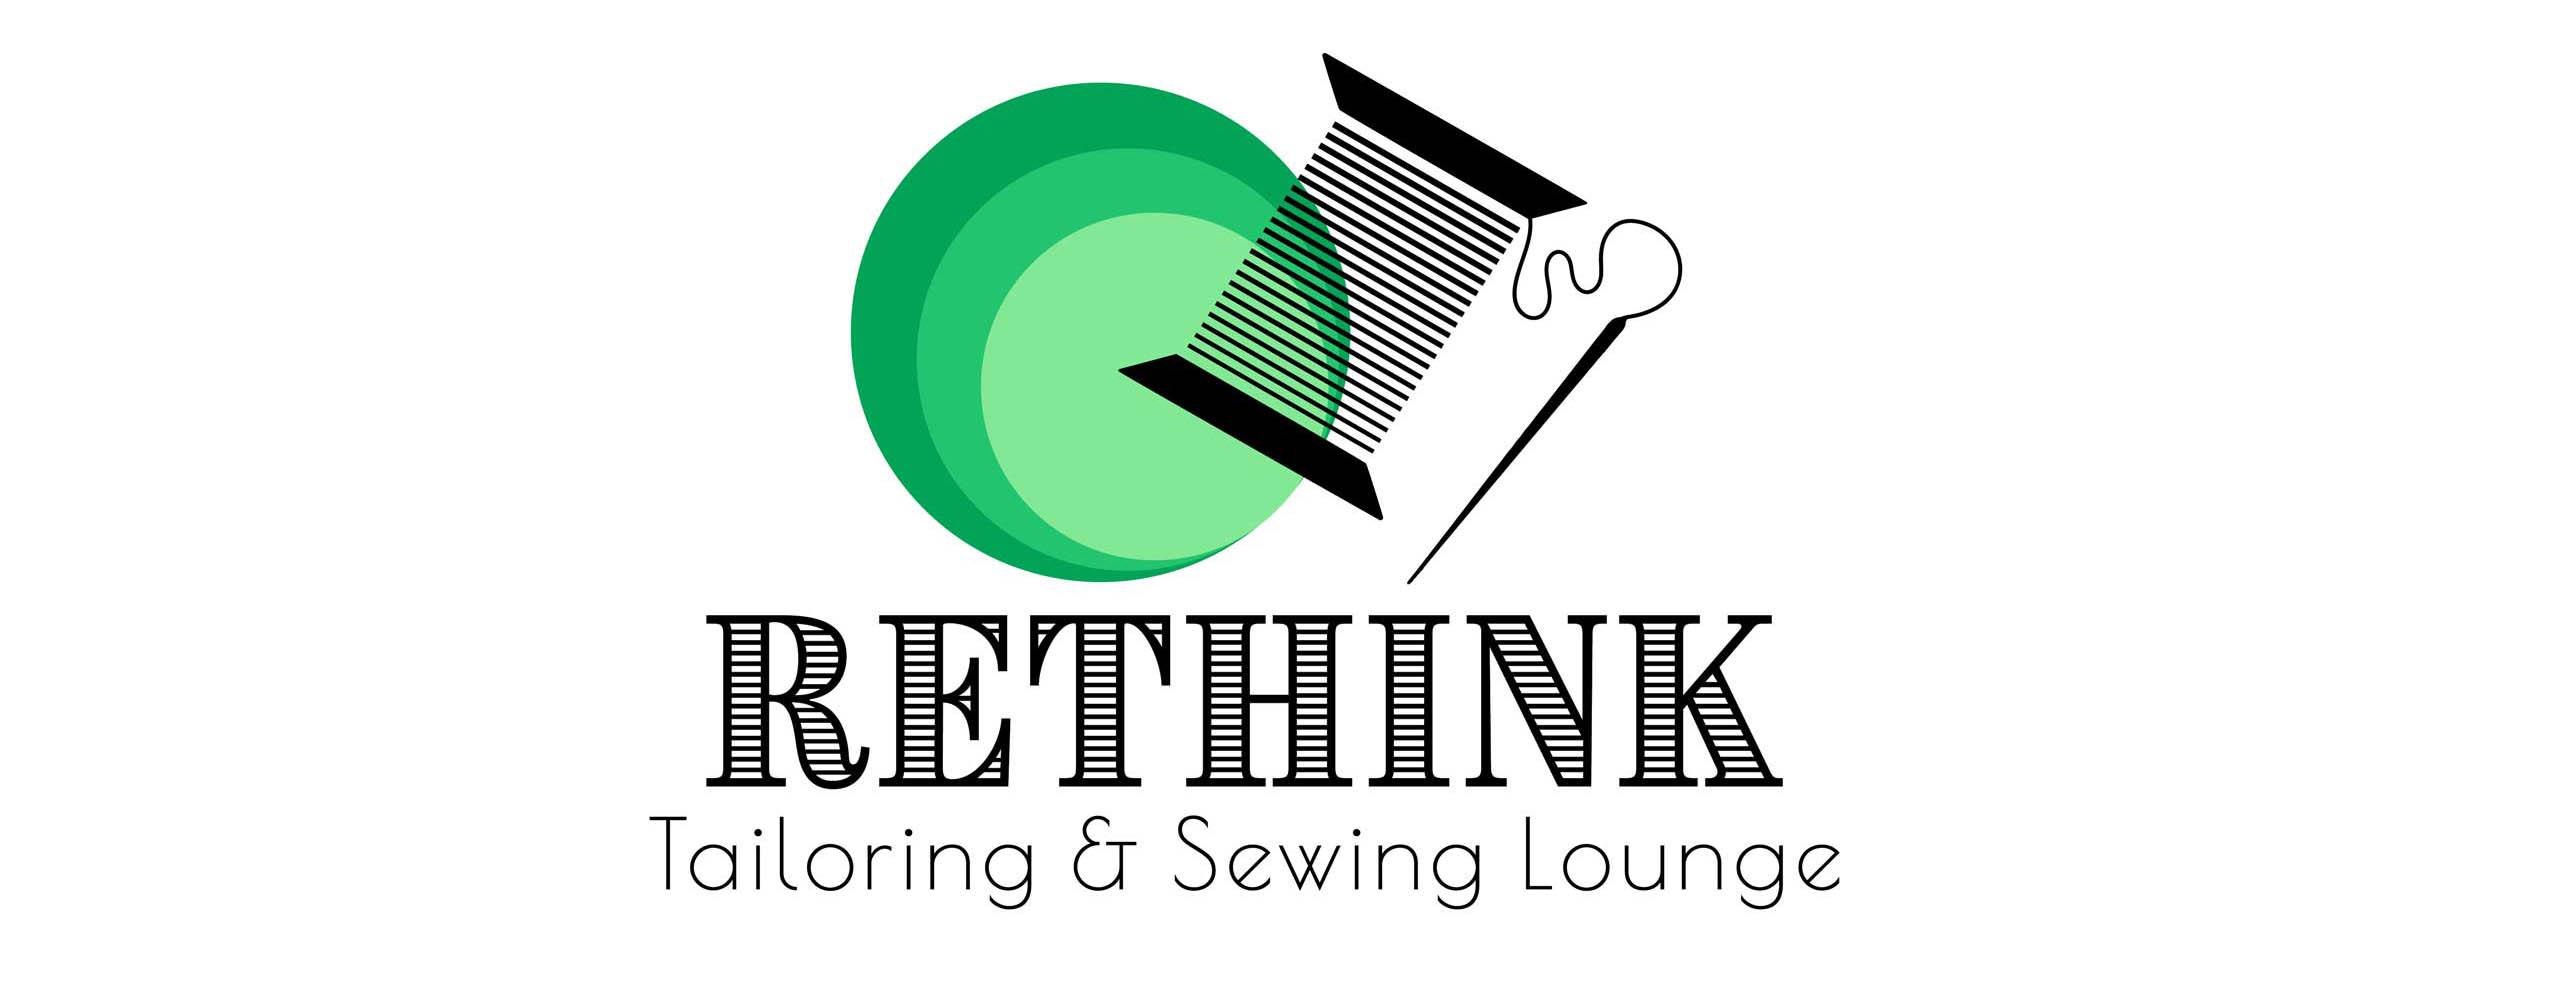 RETHINK Tailoring